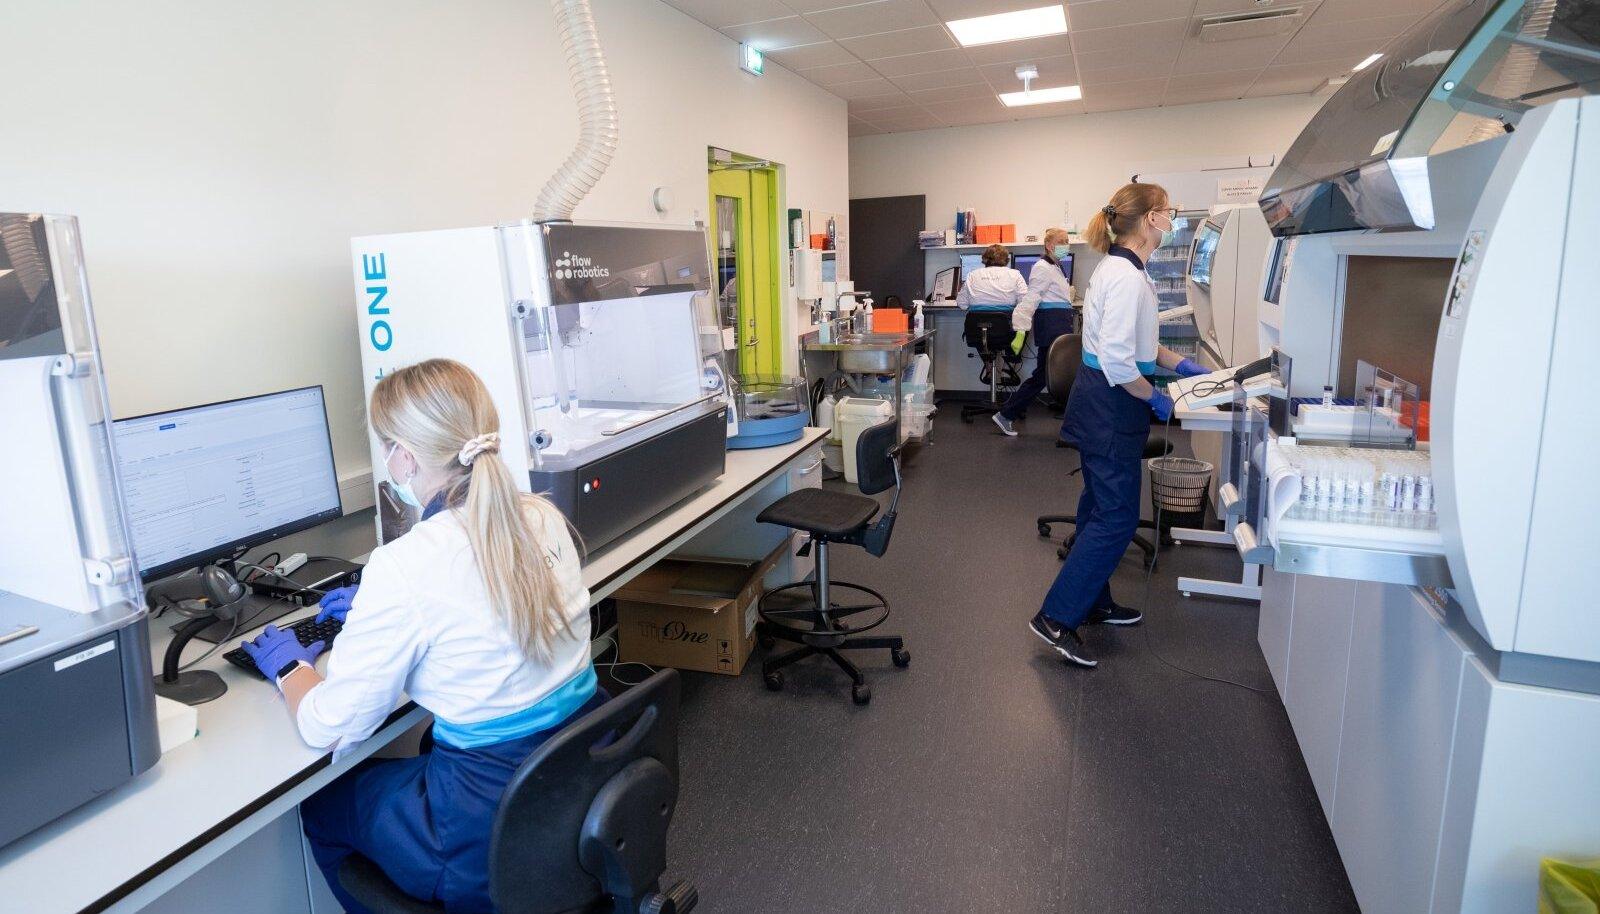 Koroonaproovide labor